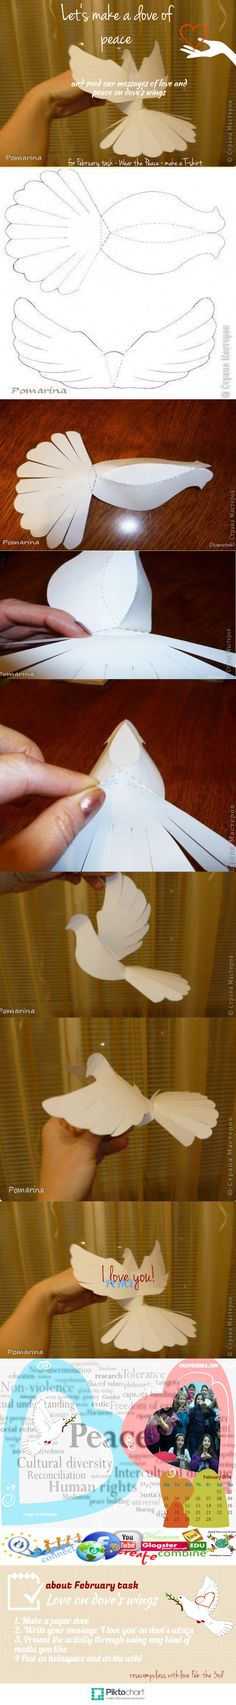 Paloma de papel para adornar boda  bautizo